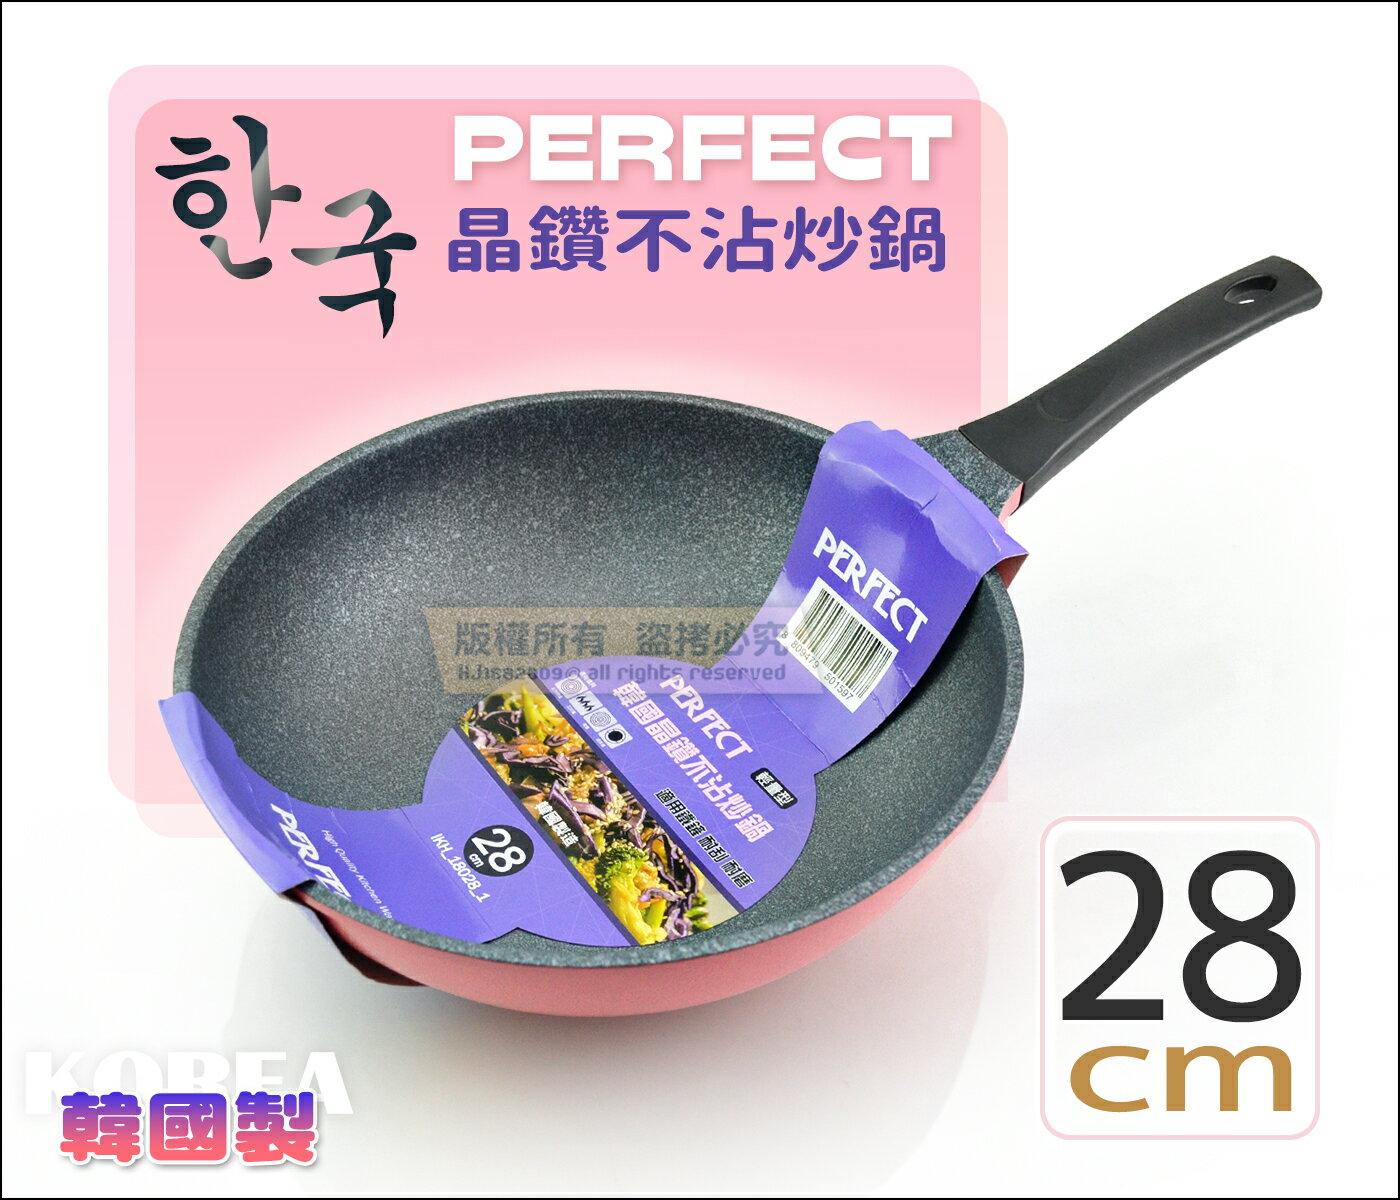 快樂屋♪ PERFECT 韓國製 1597 晶鑽不沾炒鍋 28cm【可用鐵鏟】輕量型 壓鑄鍋身 深型平底鍋 不沾鍋